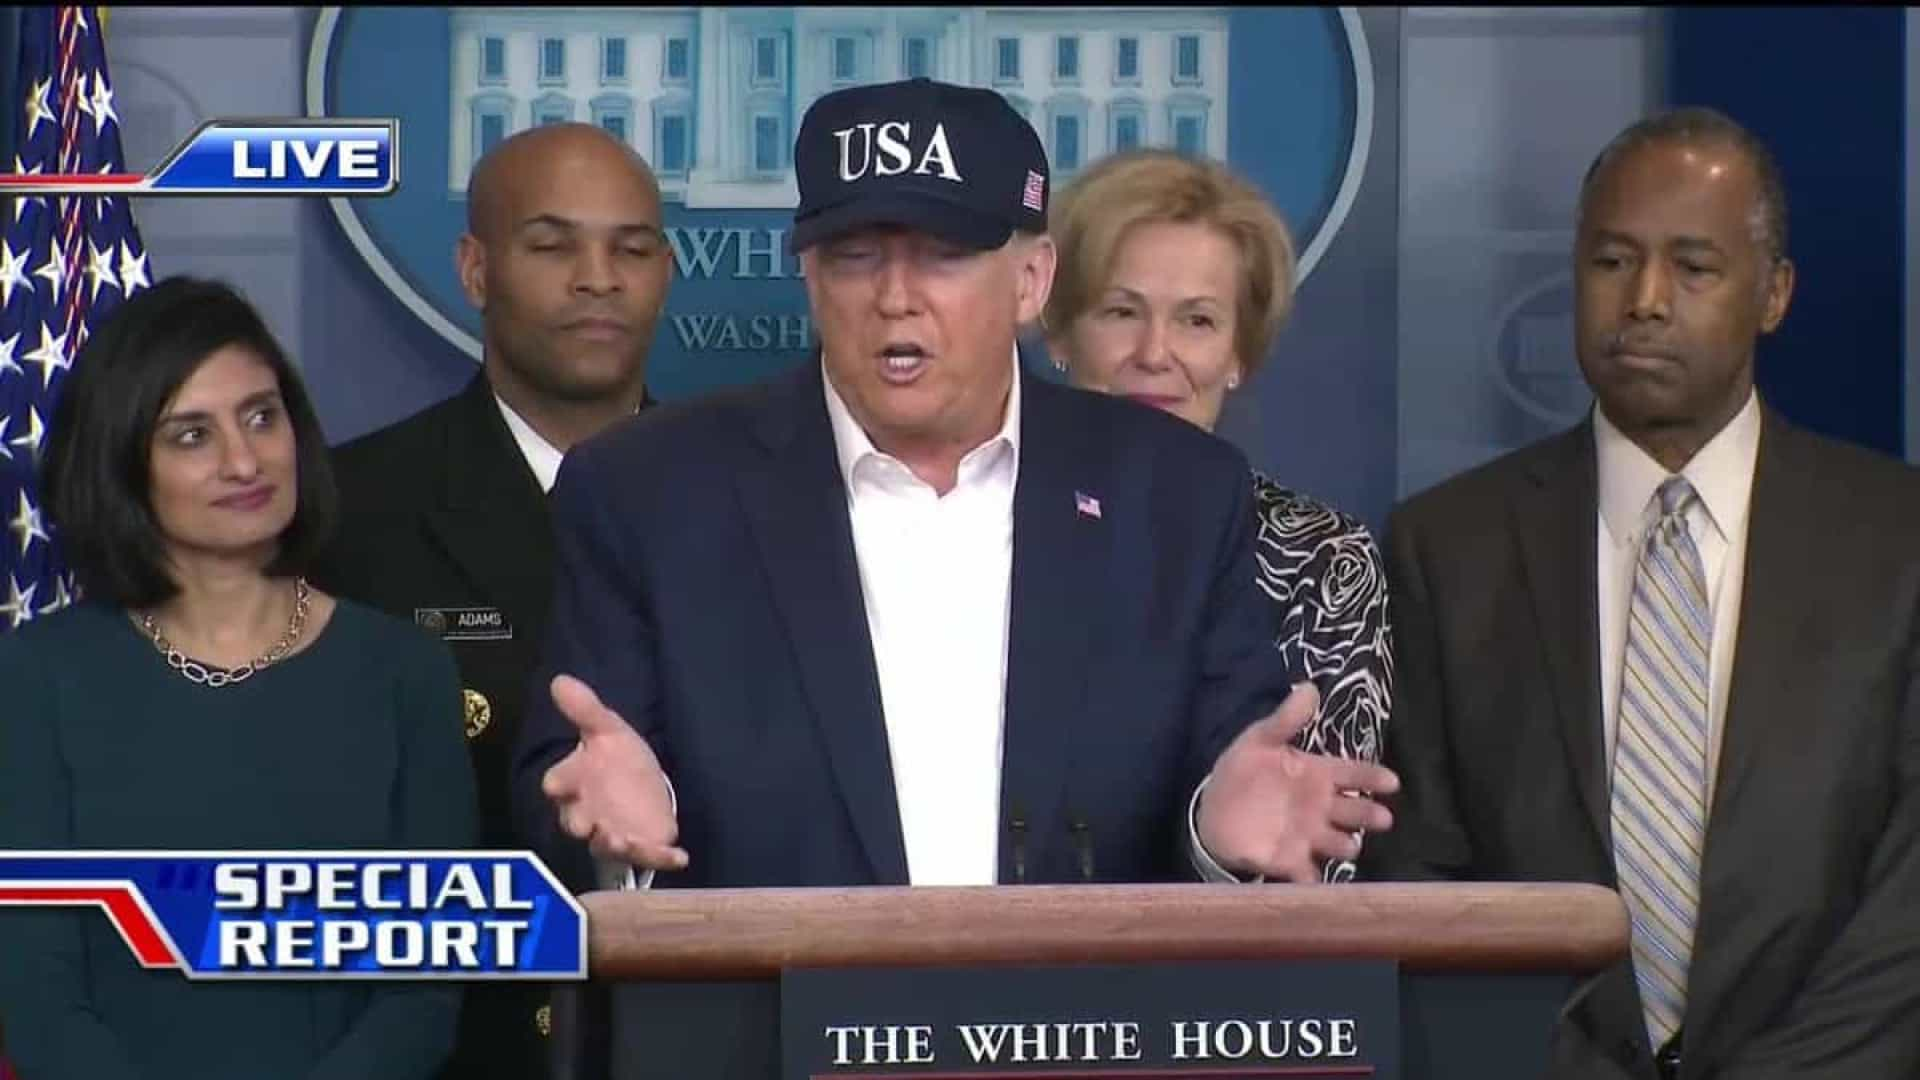 Trump confirma que já foi testado para a Covid-19 e aguarda resultado